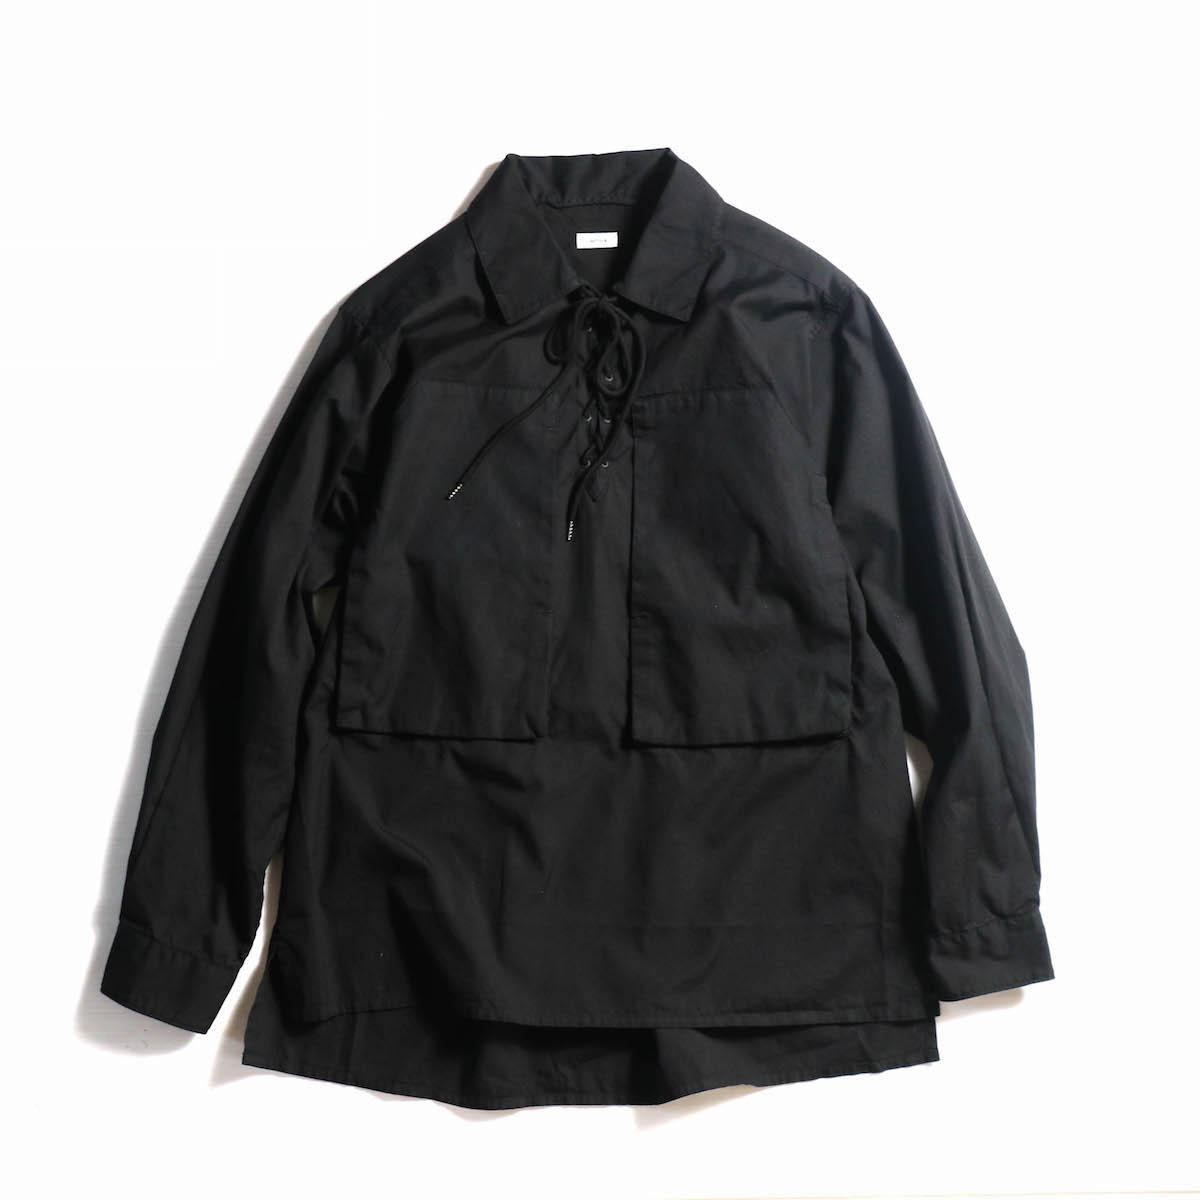 blurhms / Soft Ox String Pullover Shirt